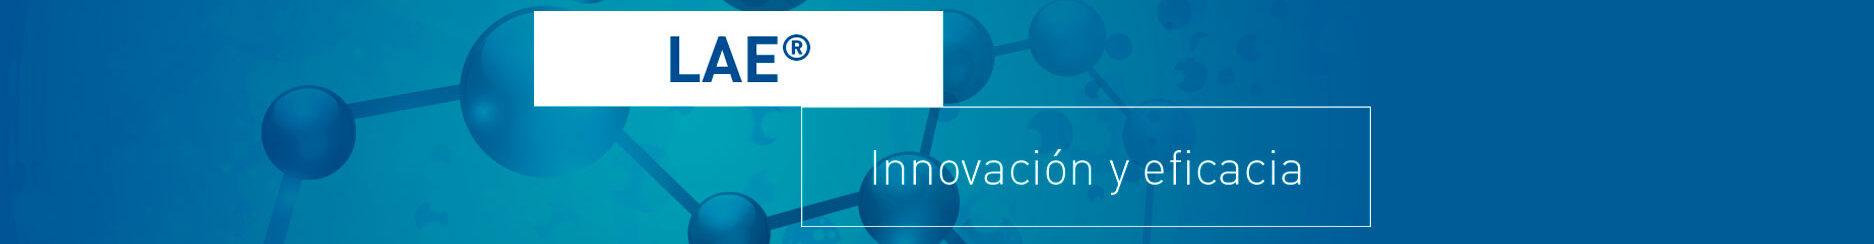 LAE_innovacion